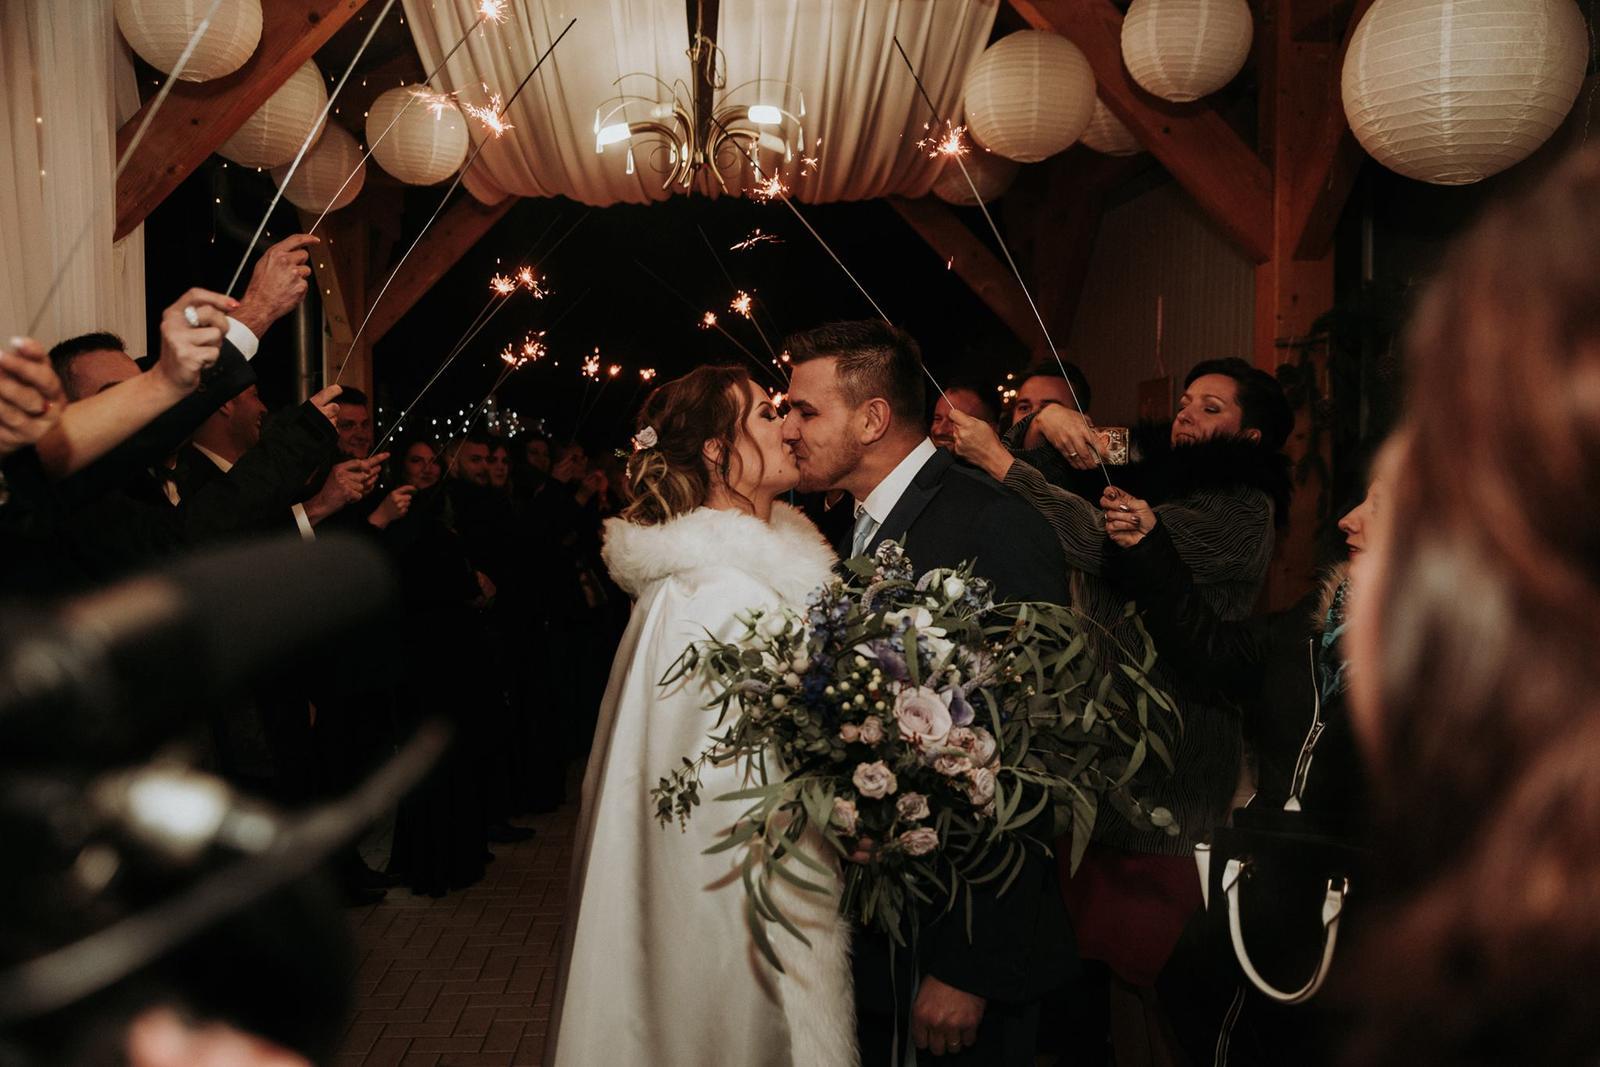 Moje svadobné fotografie - Obrázok č. 19